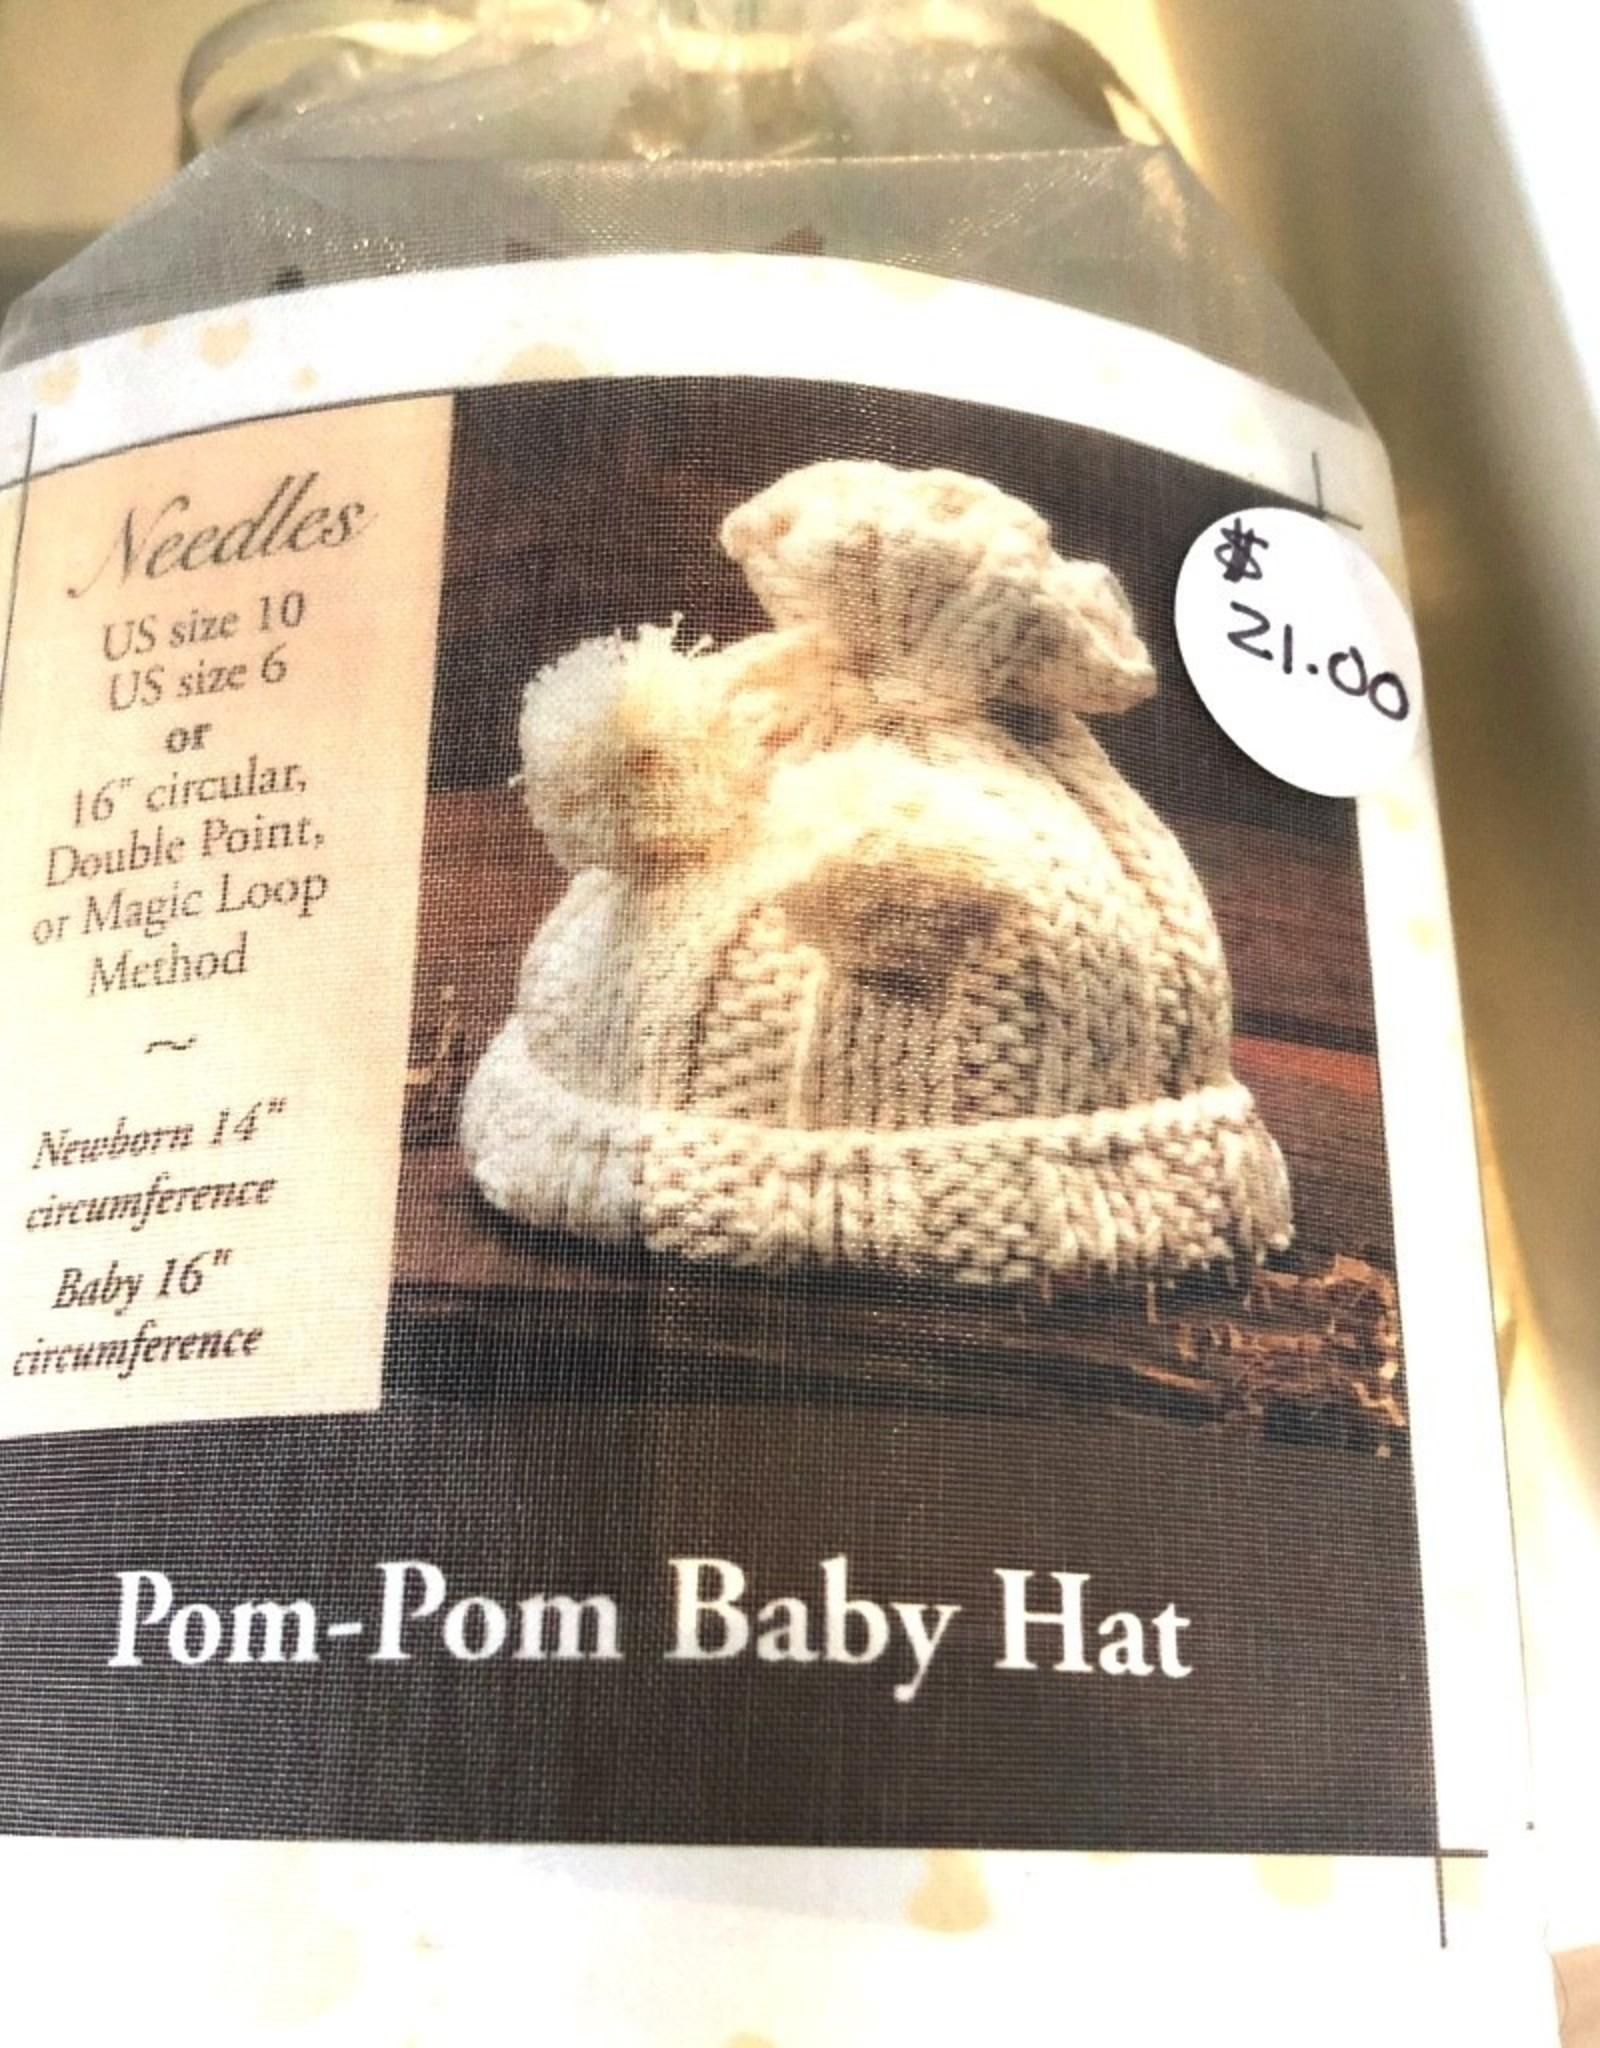 Appalachian Baby Design Appalachian Baby Pom-Pom Baby Hat